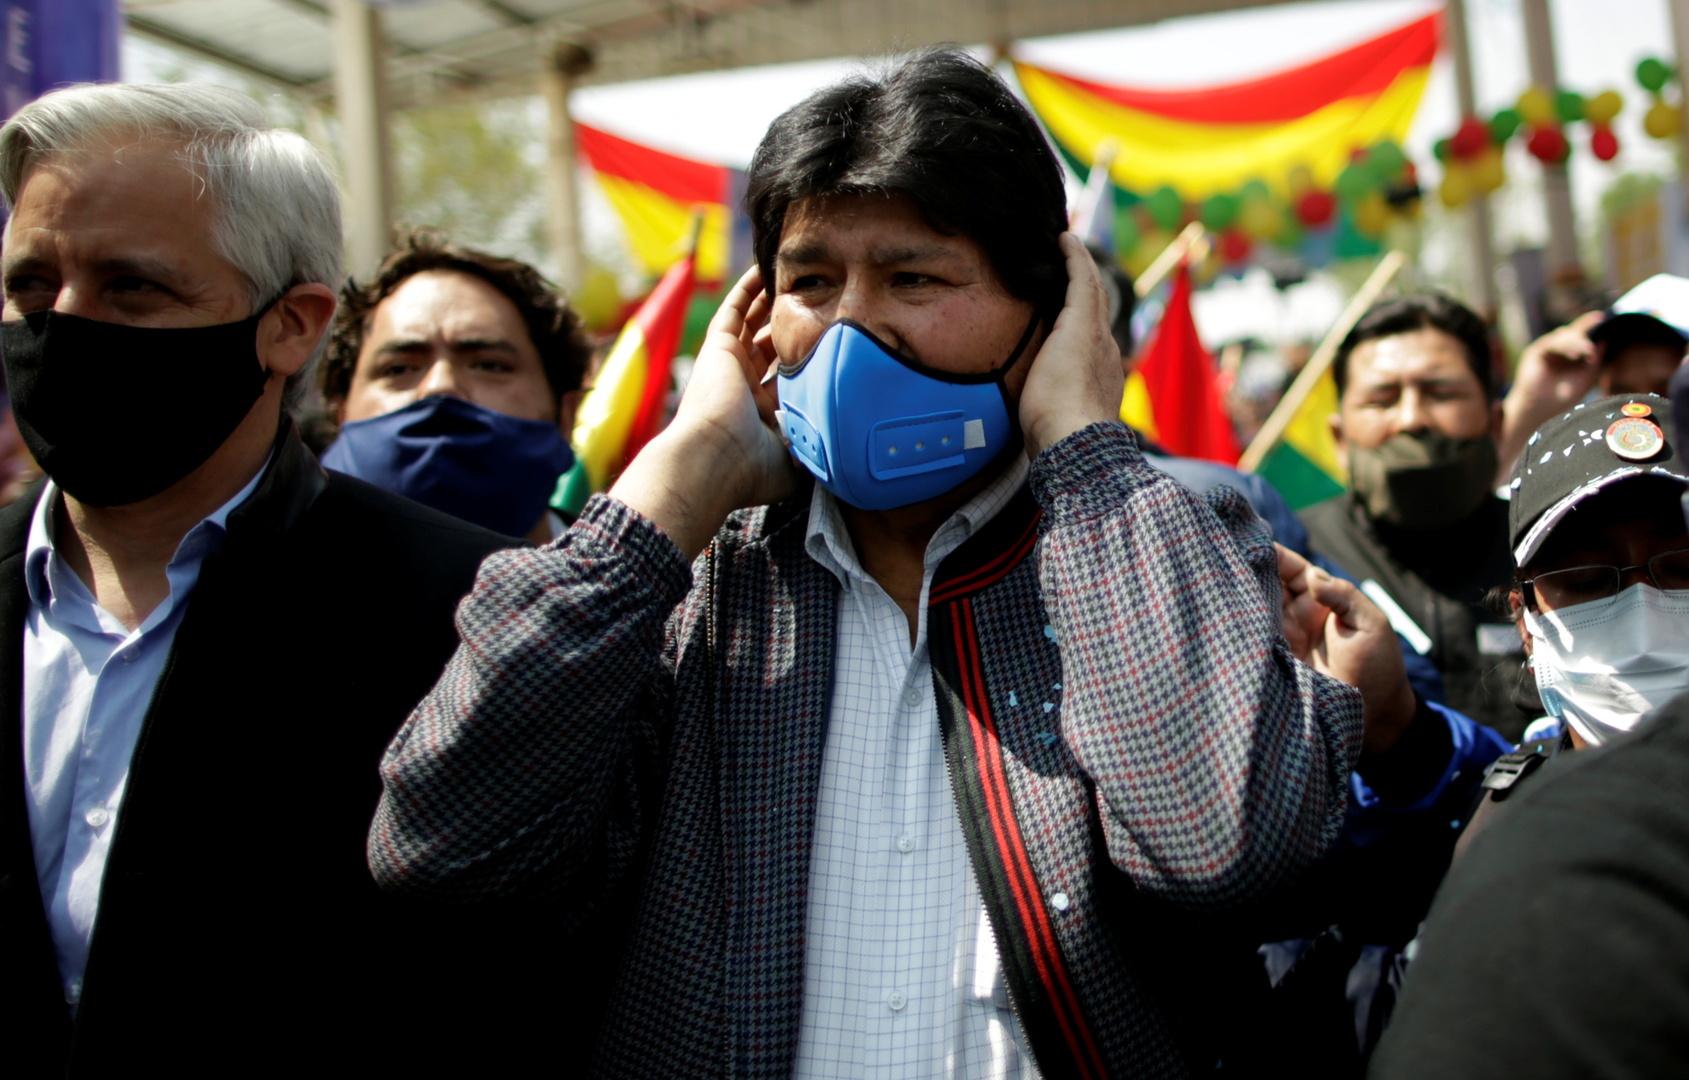 بوليفيا.. استقبال حاشد للزعيم البوليفي إيفو موراليس على حدود الأرجنتين